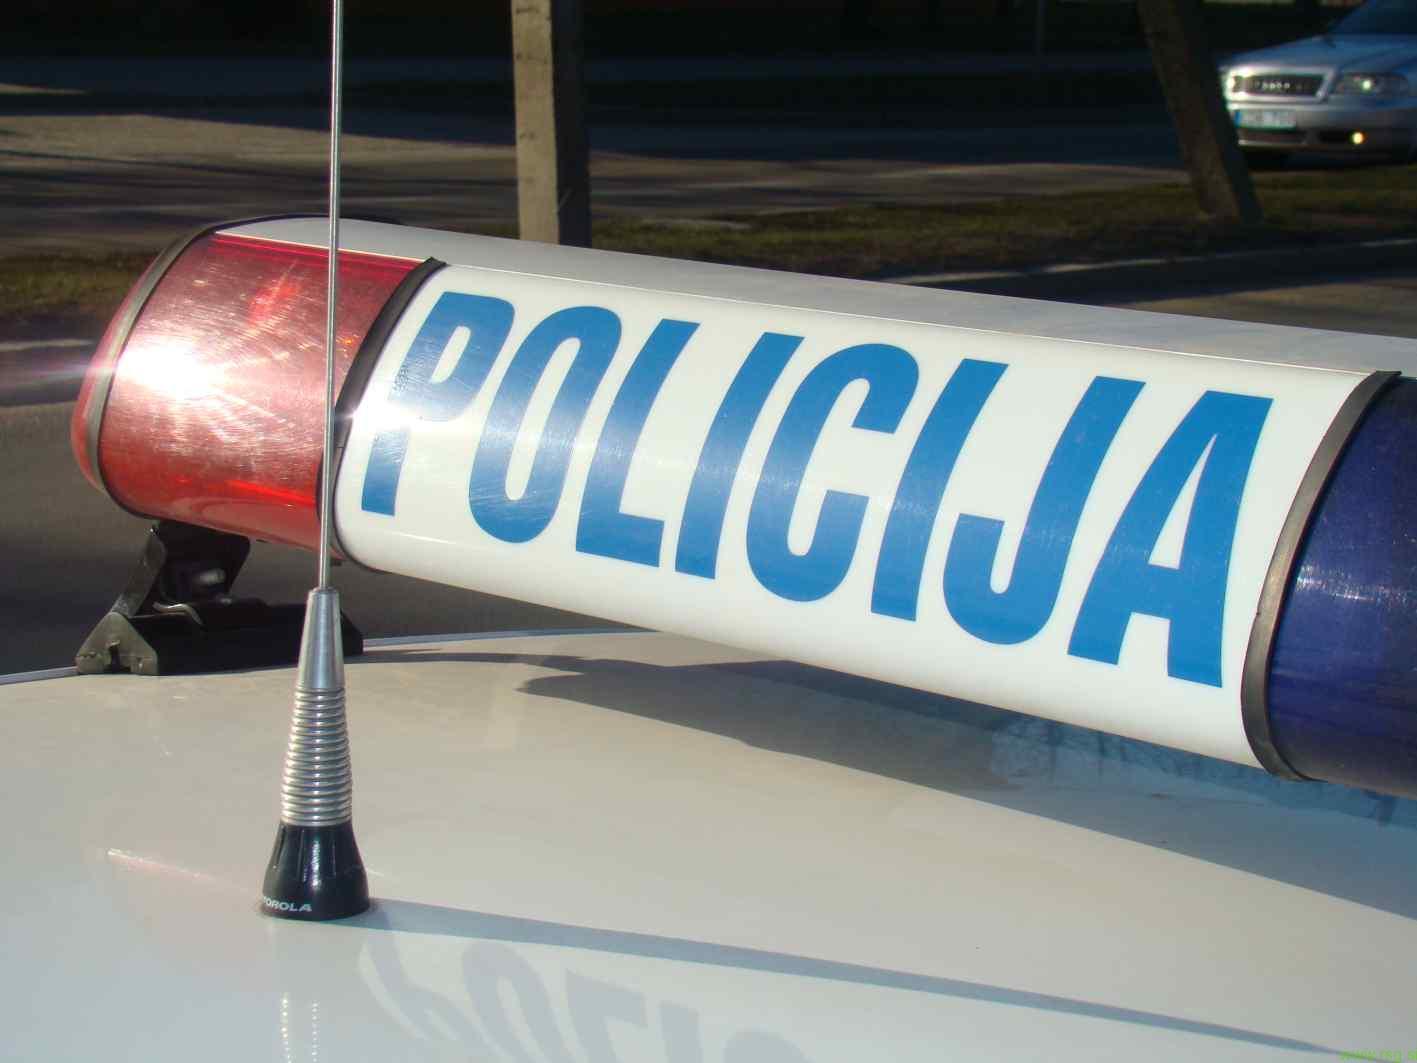 Policija opozarja na skrb za varnost v času dopustov